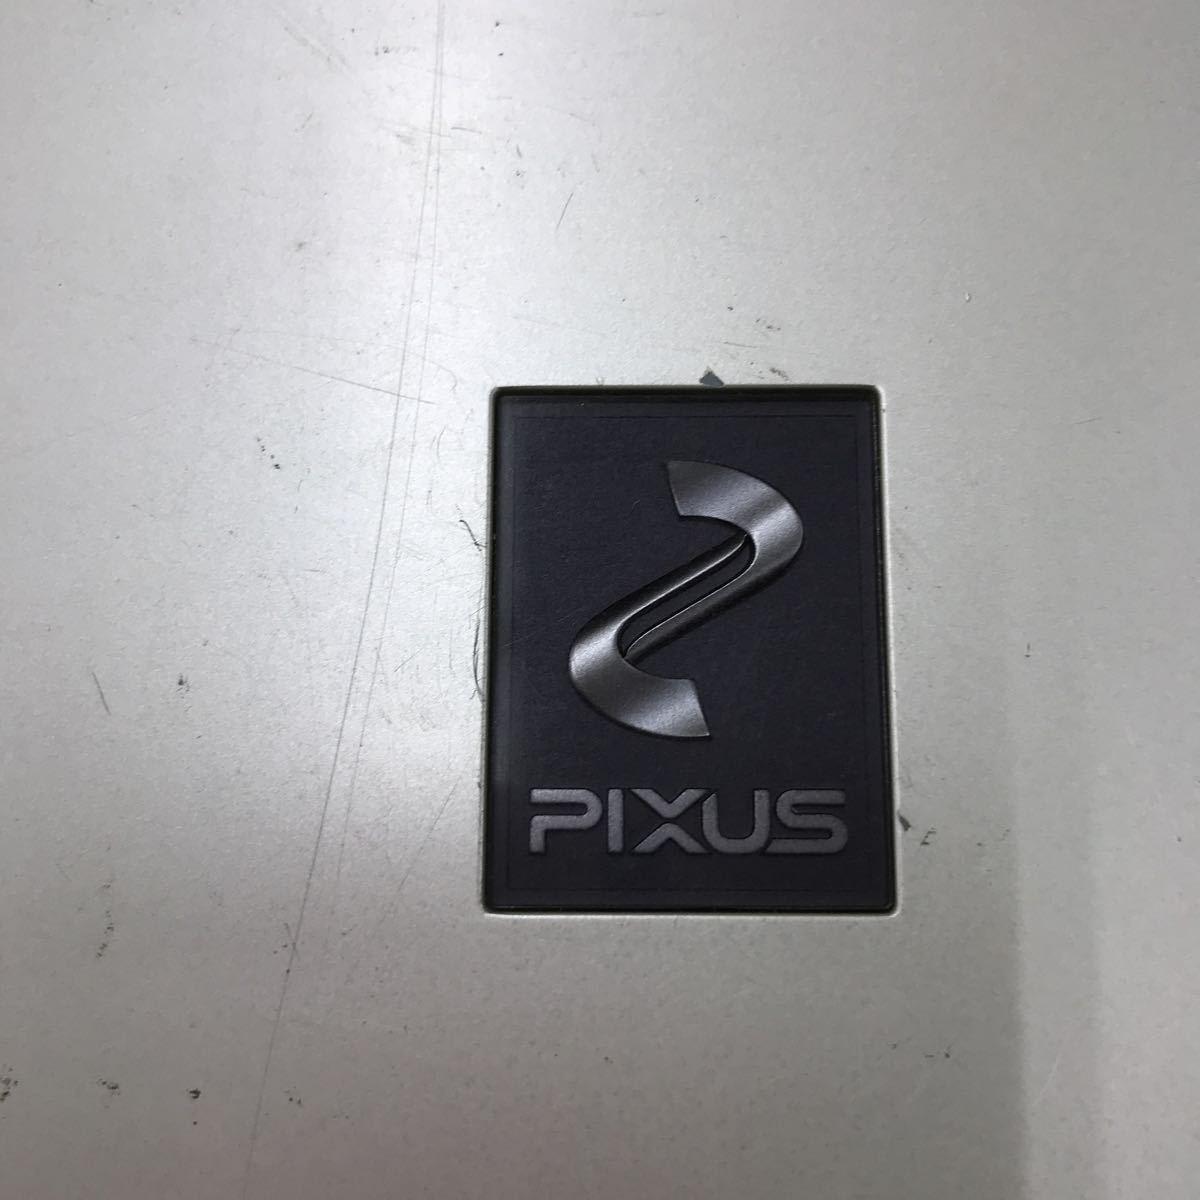 O-33 0714 Canon キャノン PIXUS ピクサス プリンター インクジェットプリンター MP600 ※コンセントコードありません ※動作未確認です_画像3